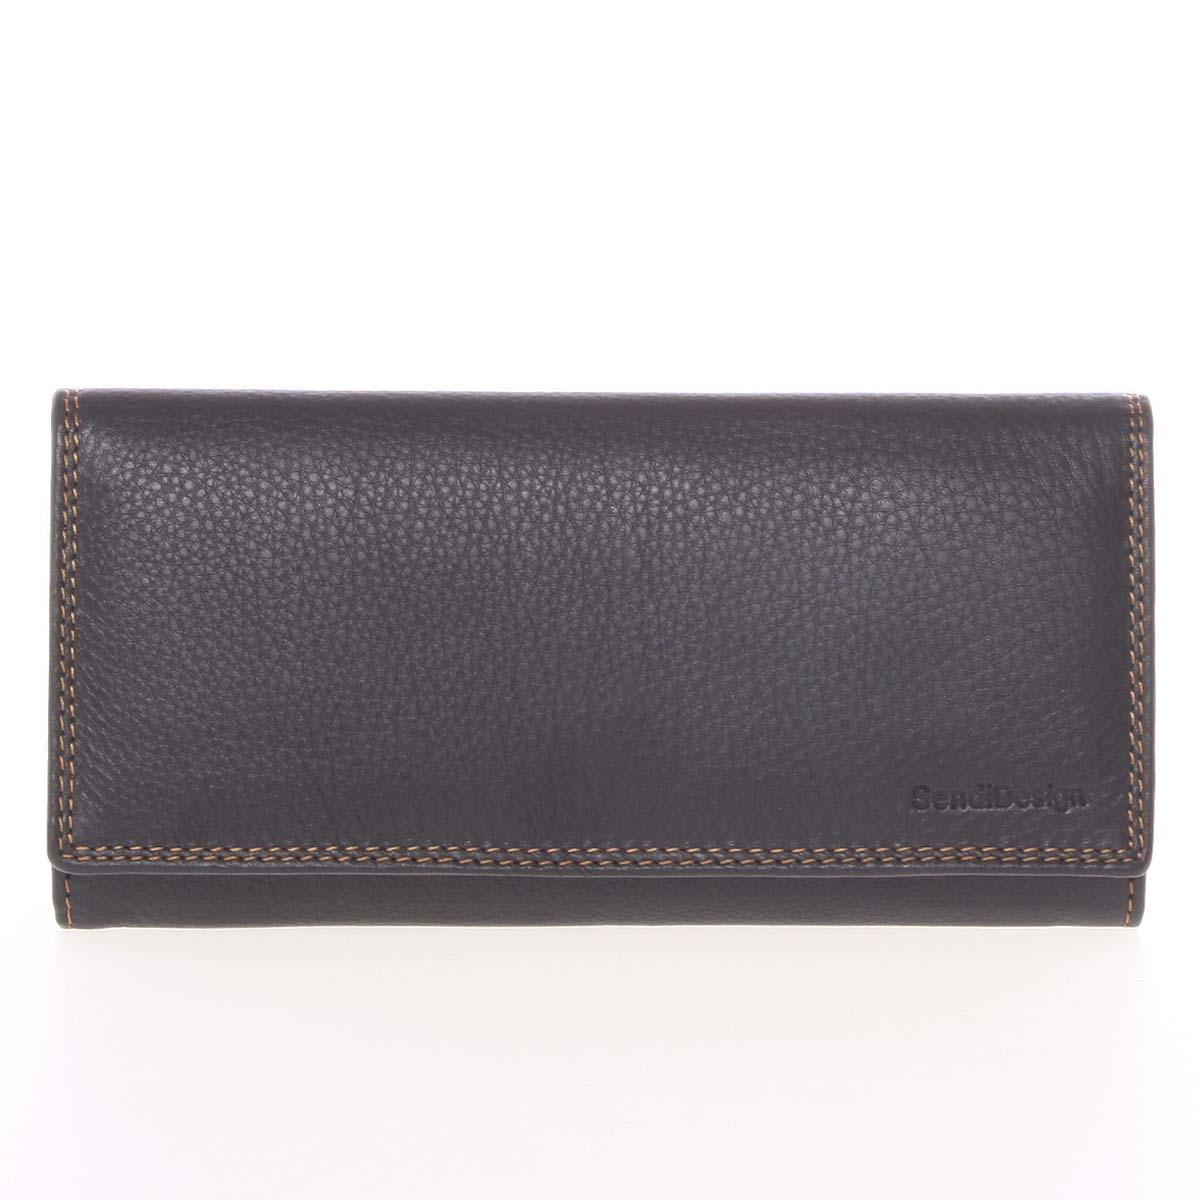 Velká dámská černá kožená prošívaná peněženka - SendiDesign Phylis černá